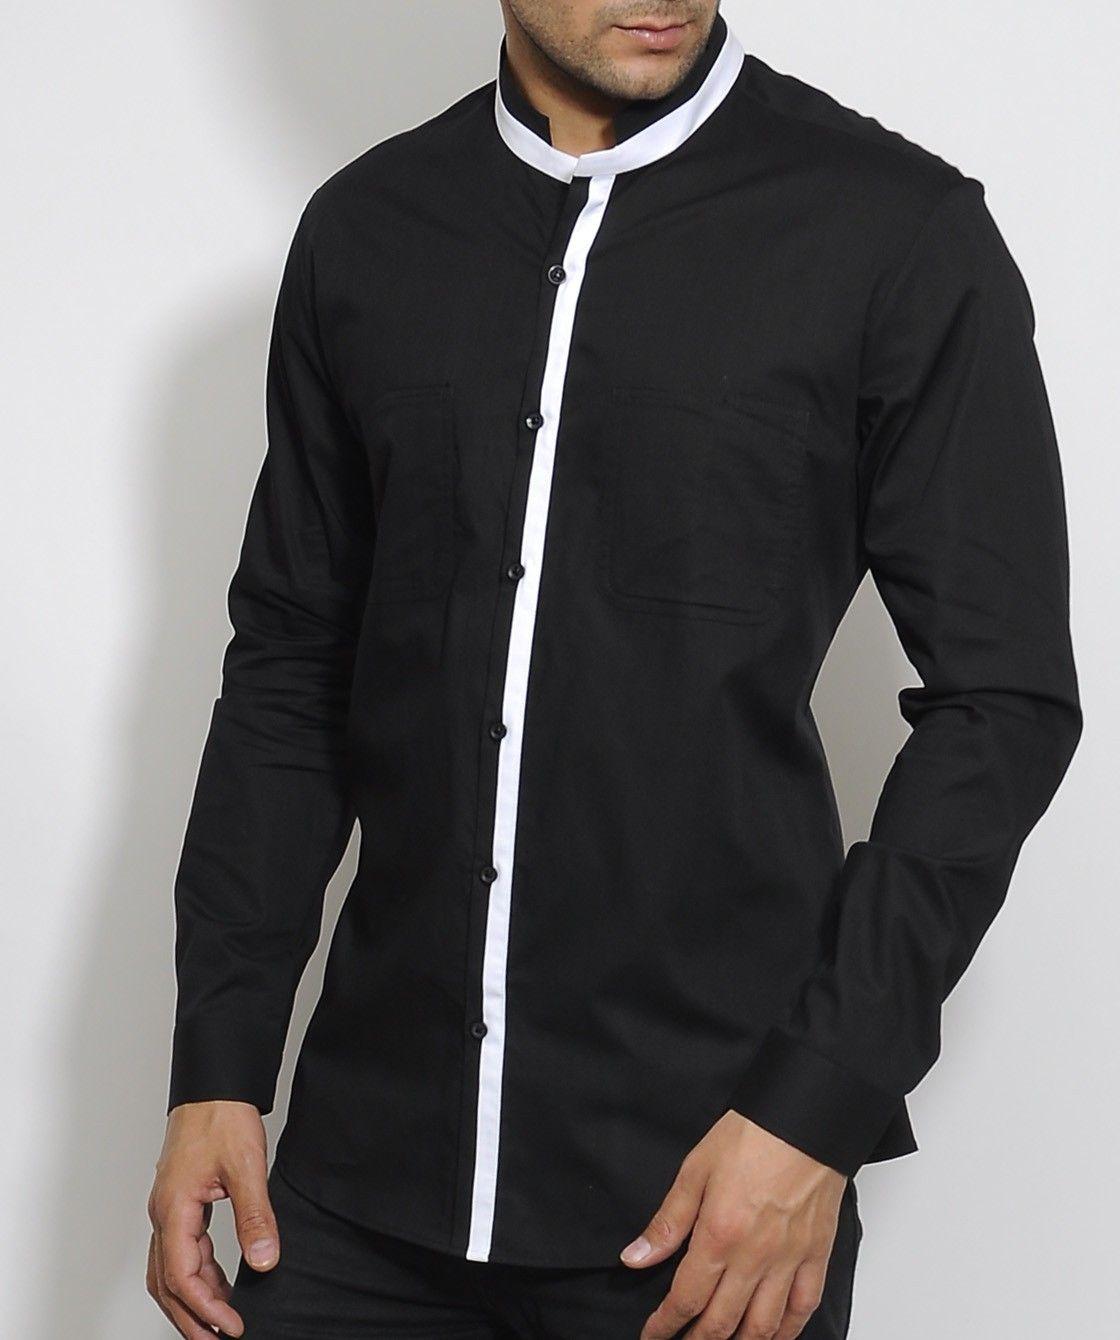 Nehru Collar Shirt T Shirts Design Concept